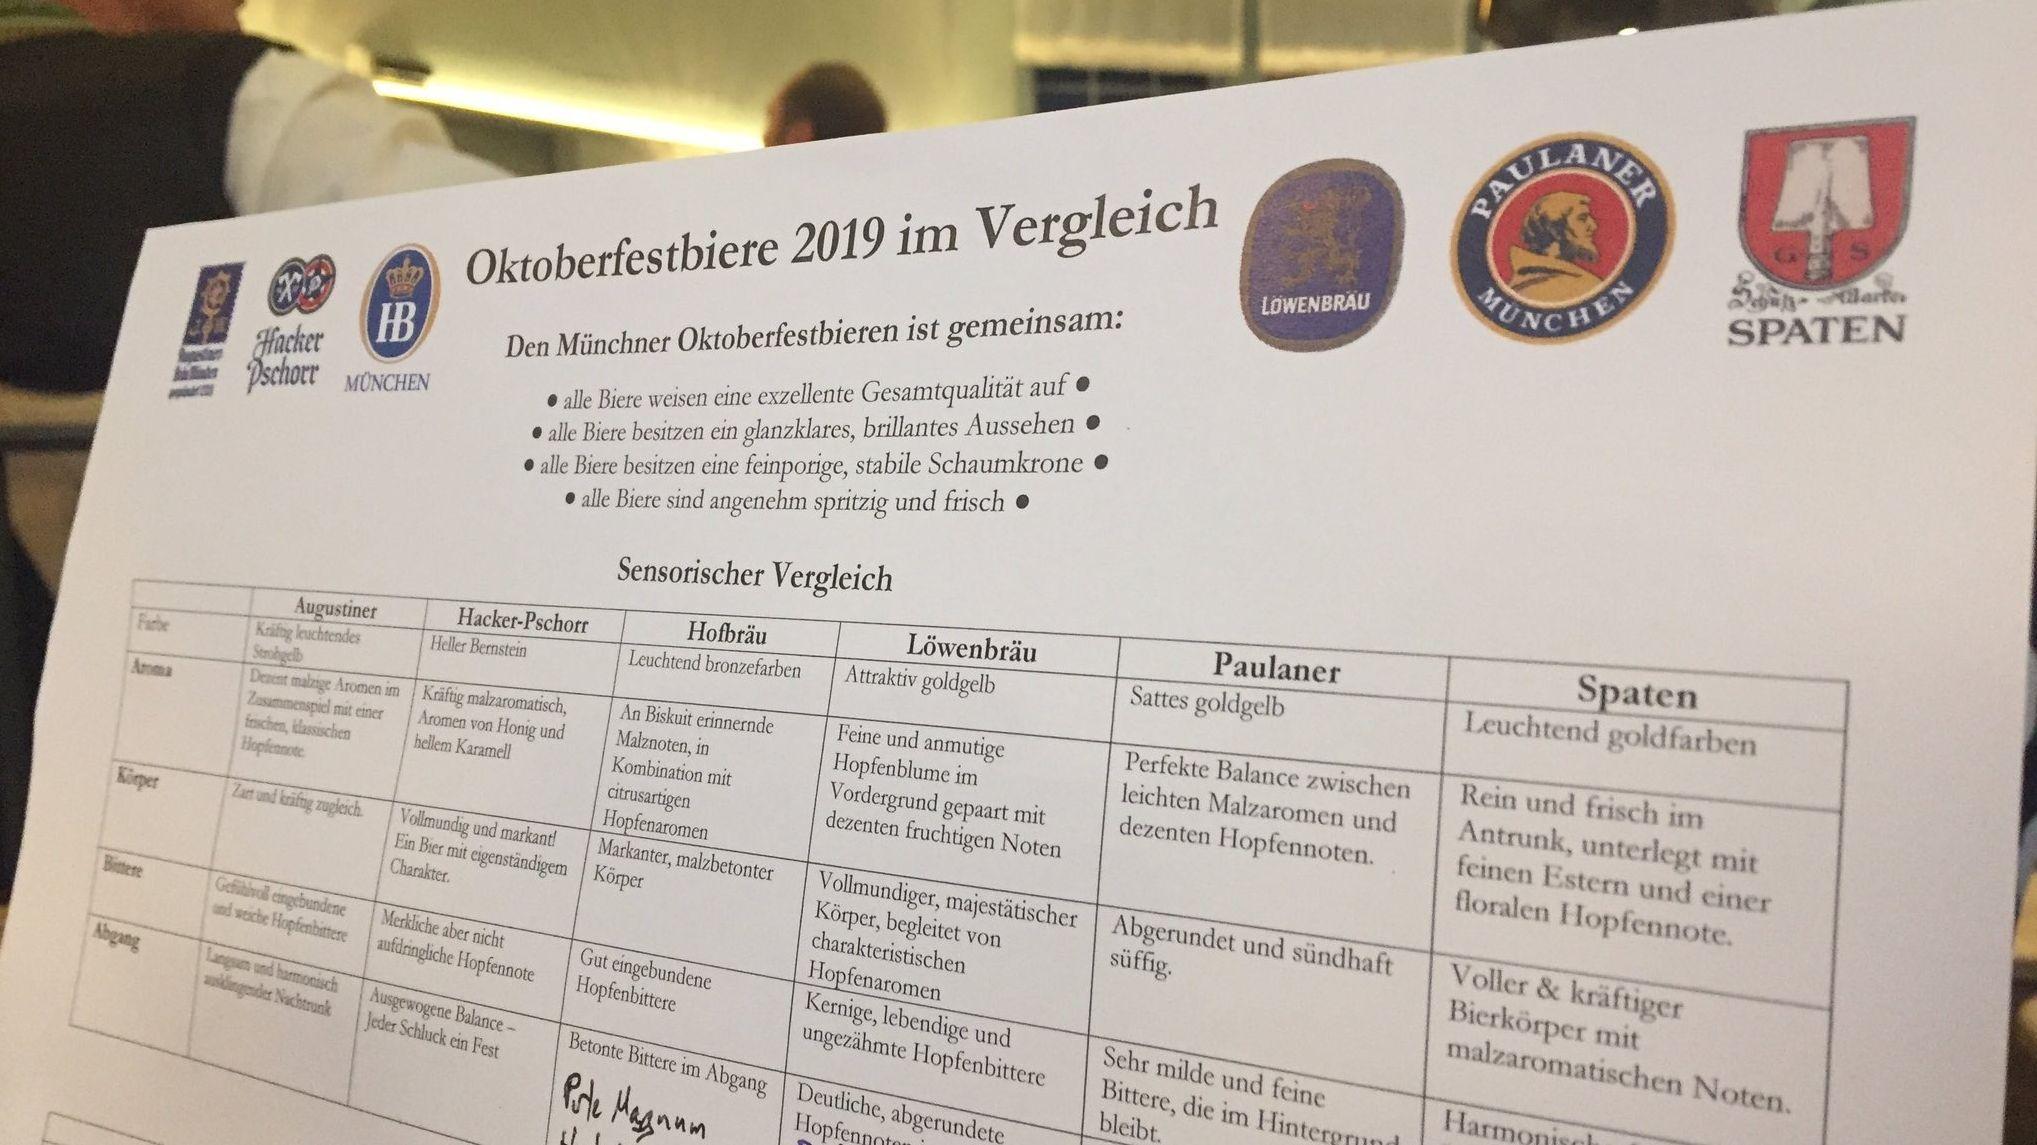 Infokarte zum sensorischen Vergleich der Oktoberfestbiere 2019